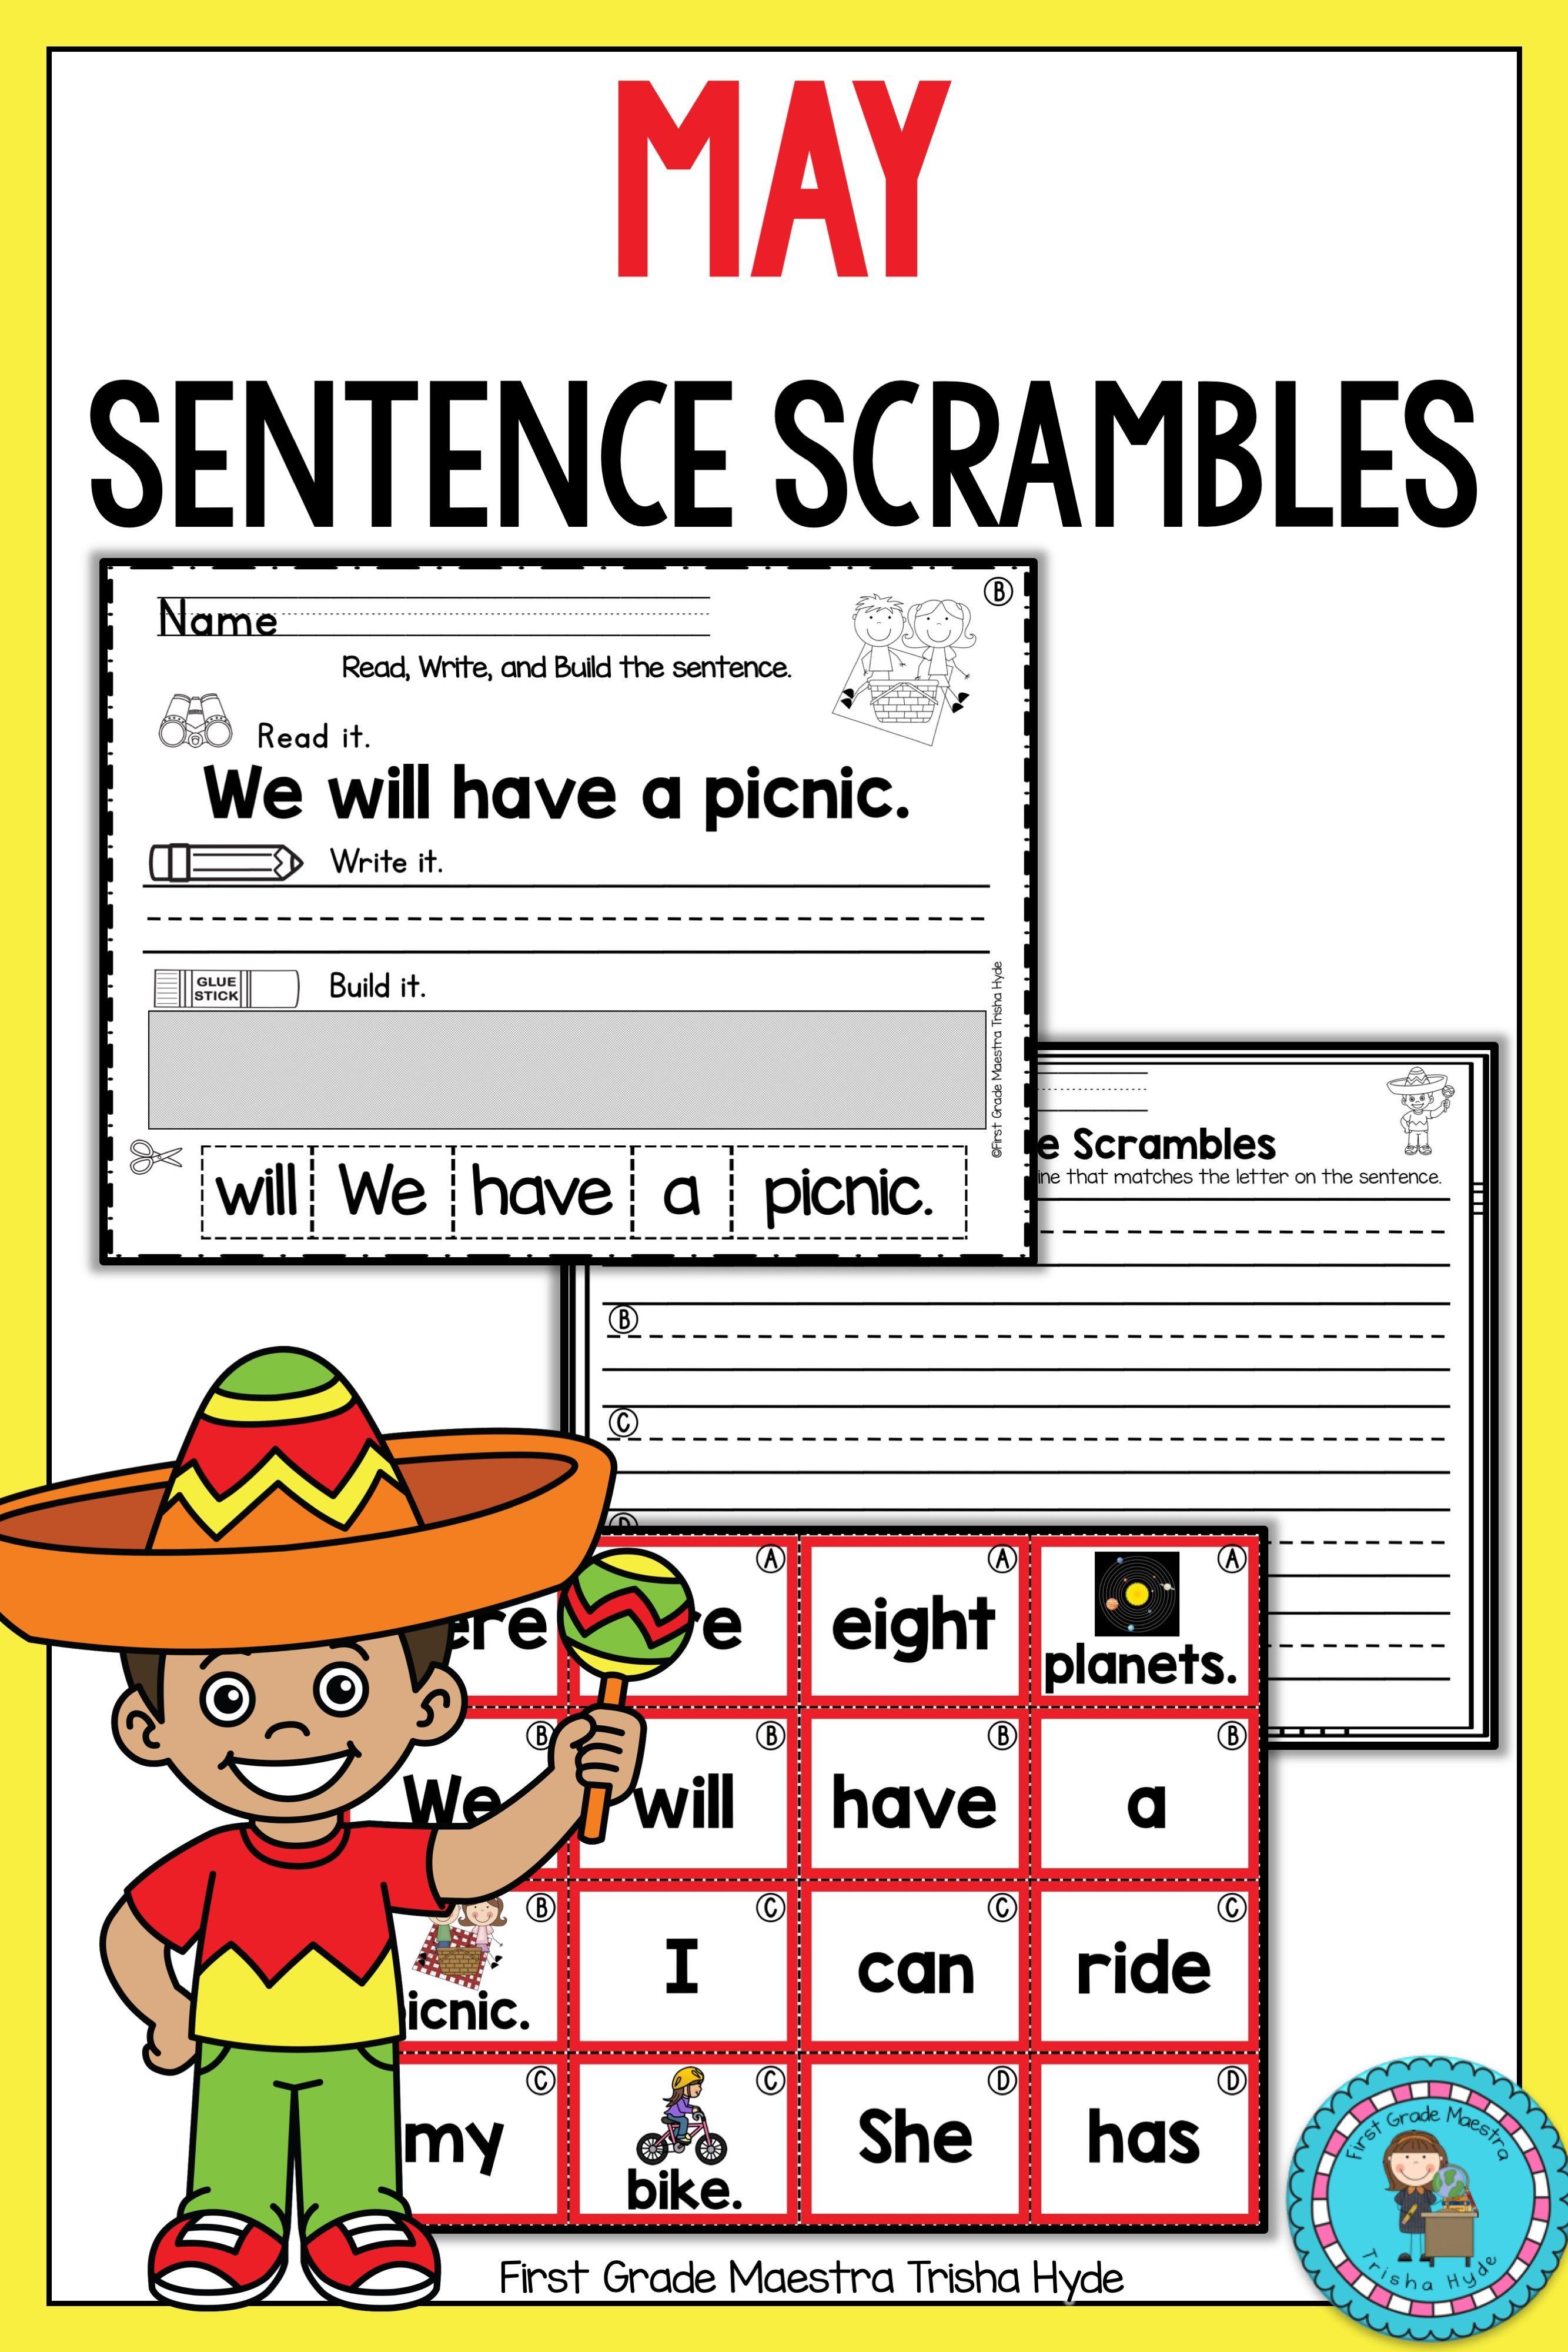 May Sentence Scrambles